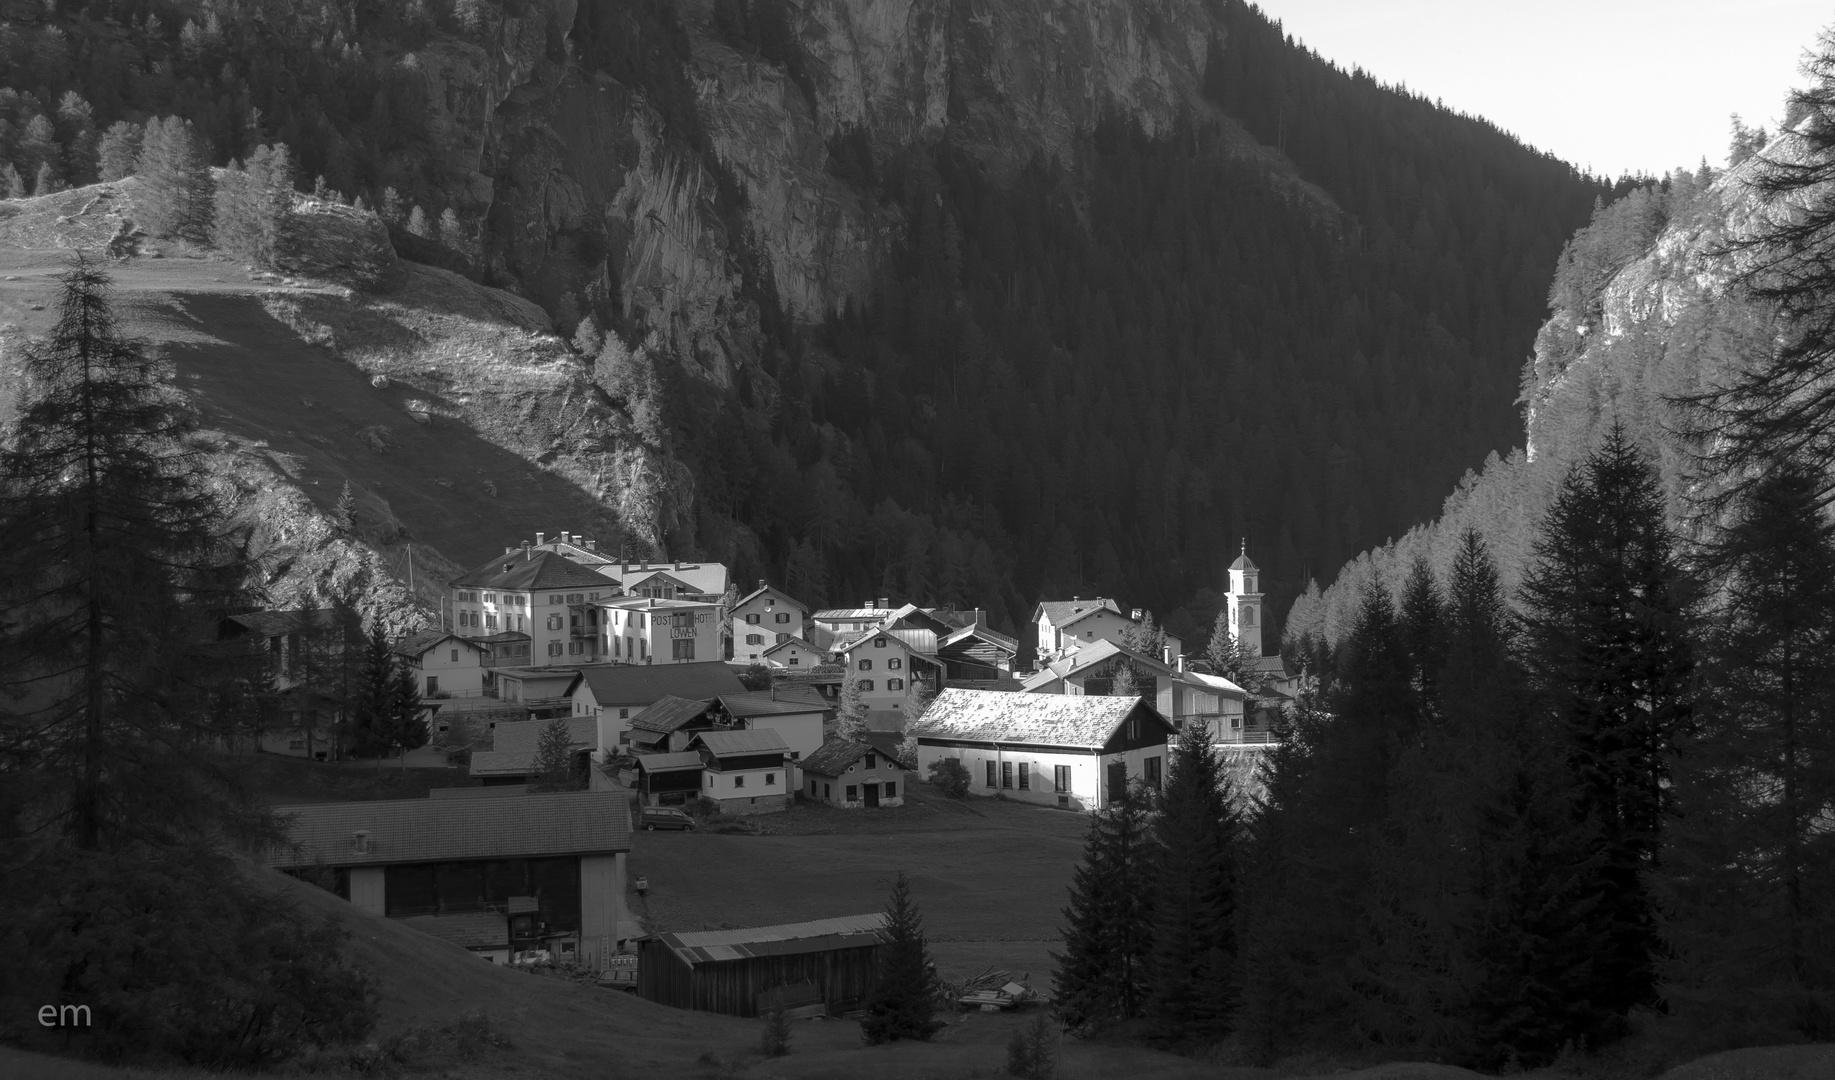 Mulegns Graubünden Schweiz